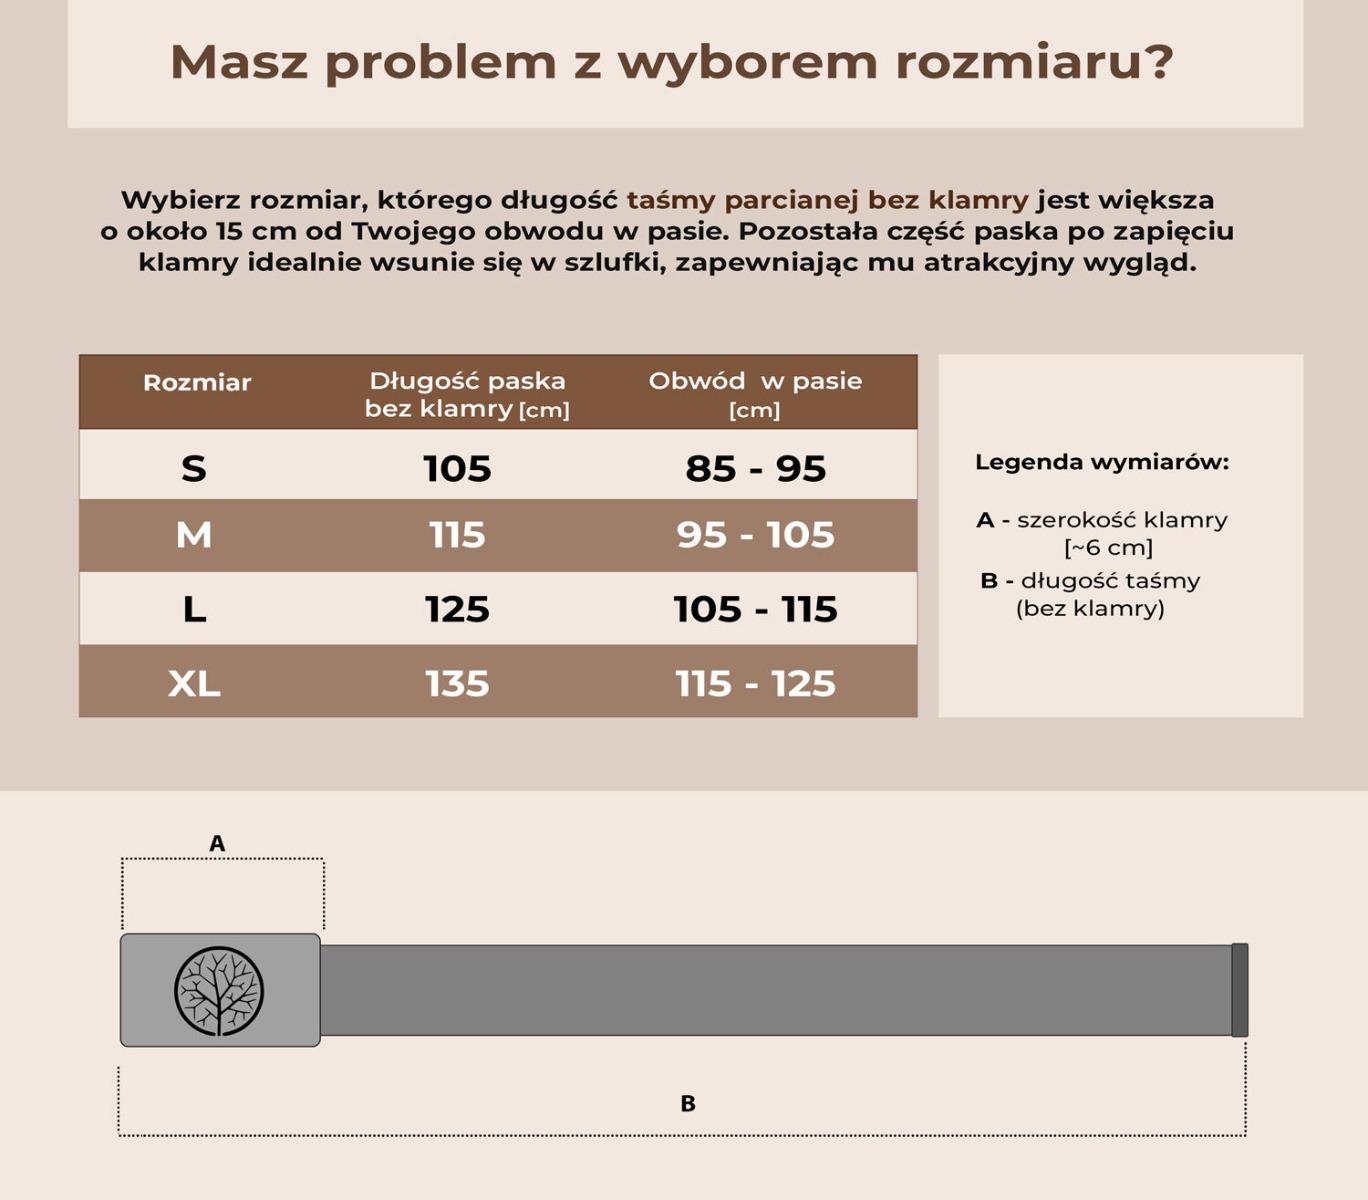 grafika-wymiary-paskow-parcianych